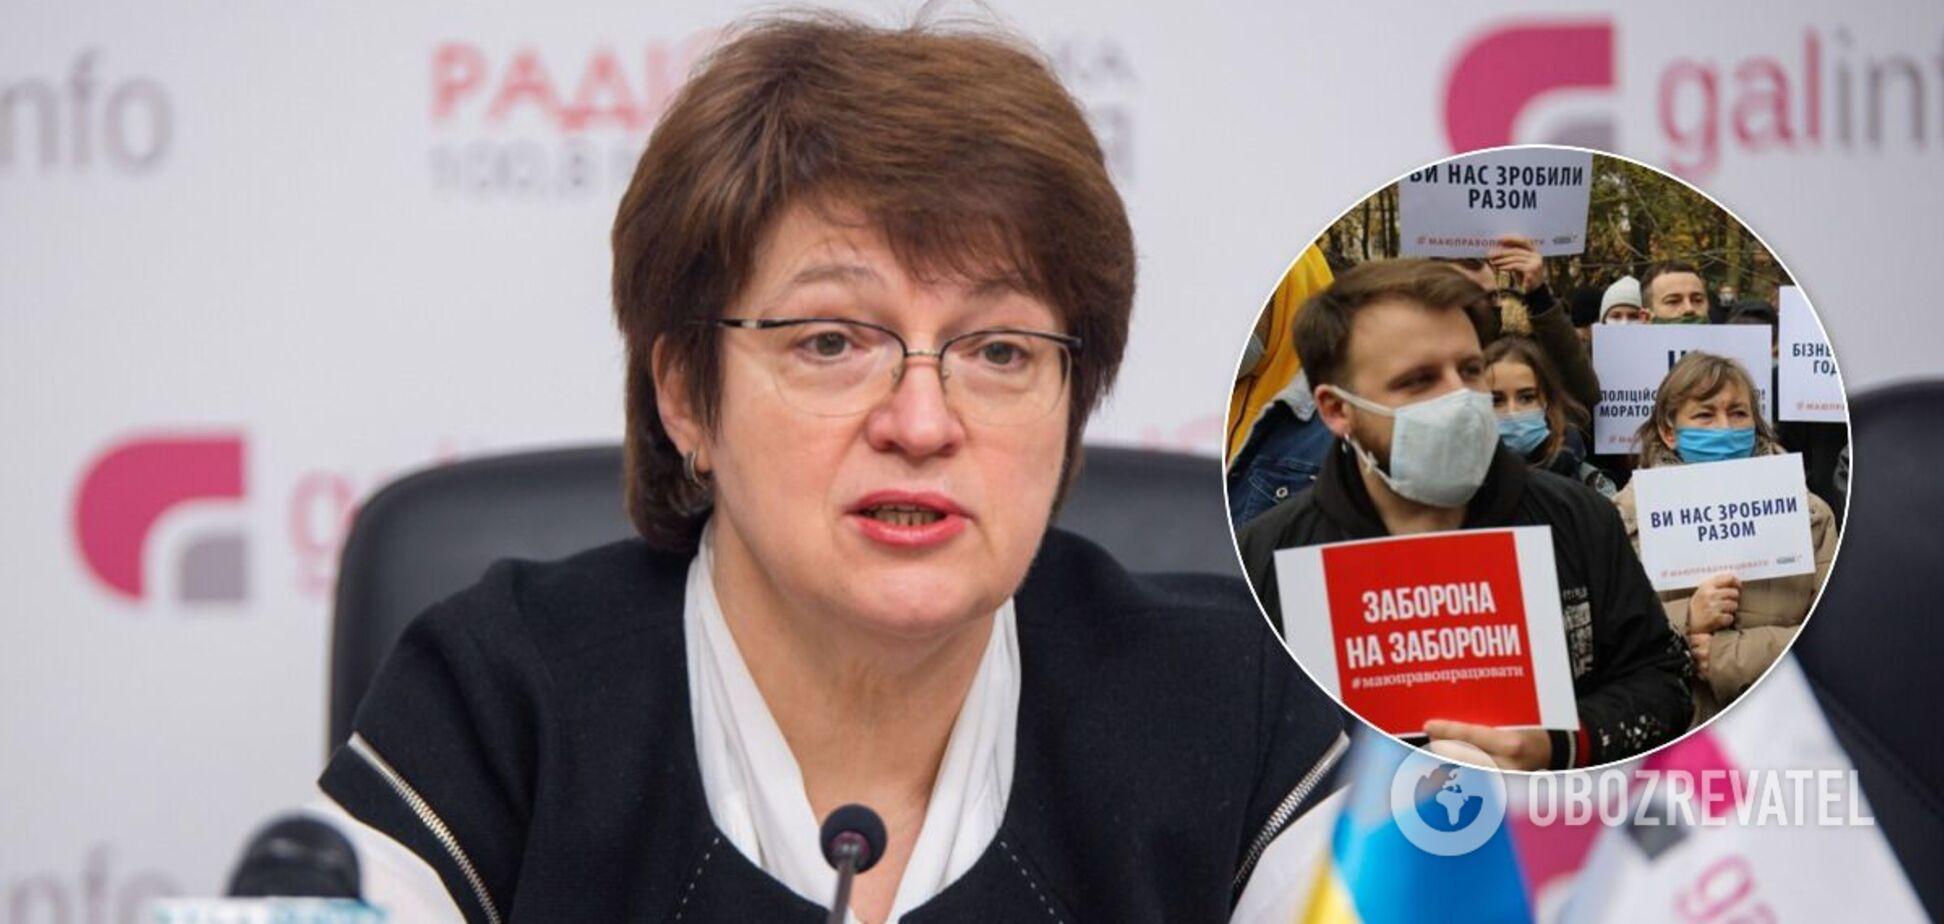 Противників карантину закликали влаштовуватися на роботу в лікарні